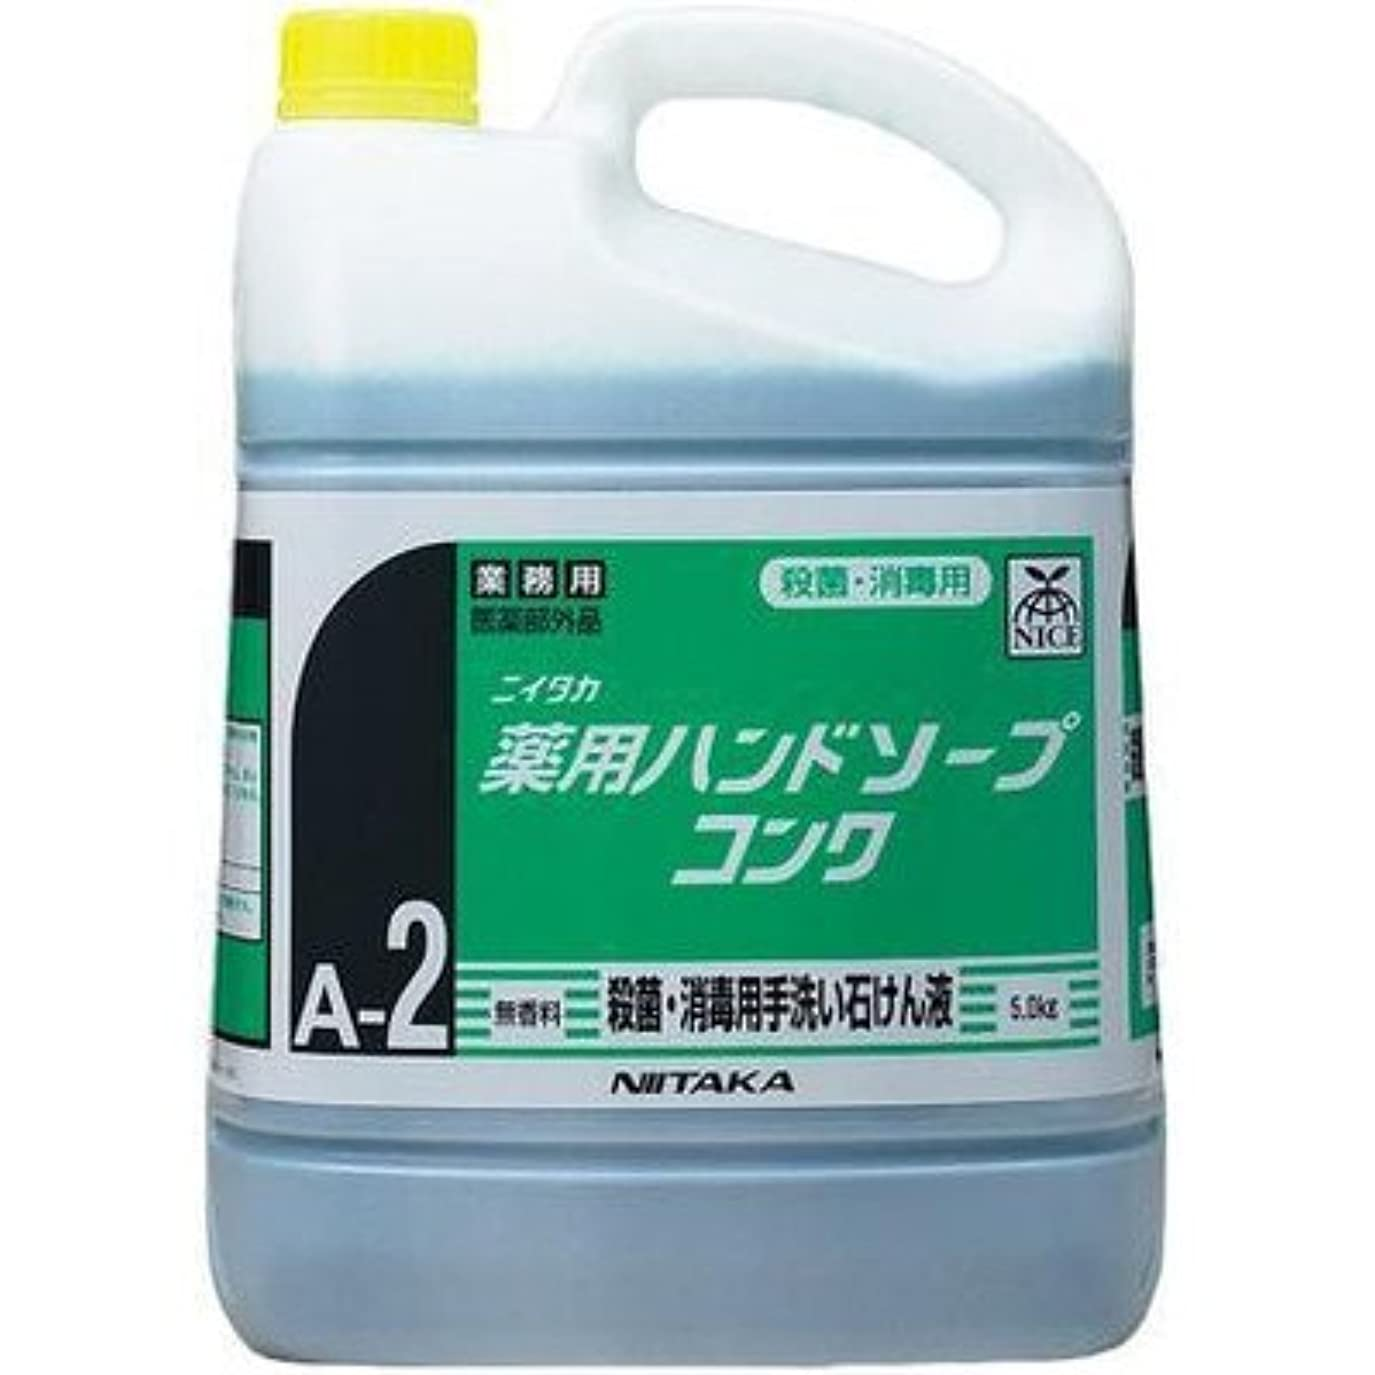 いいね氏ゆるいニイタカ 業務用手洗い石けん液 薬用ハンドソープコンク(A-2) 5kg×3本